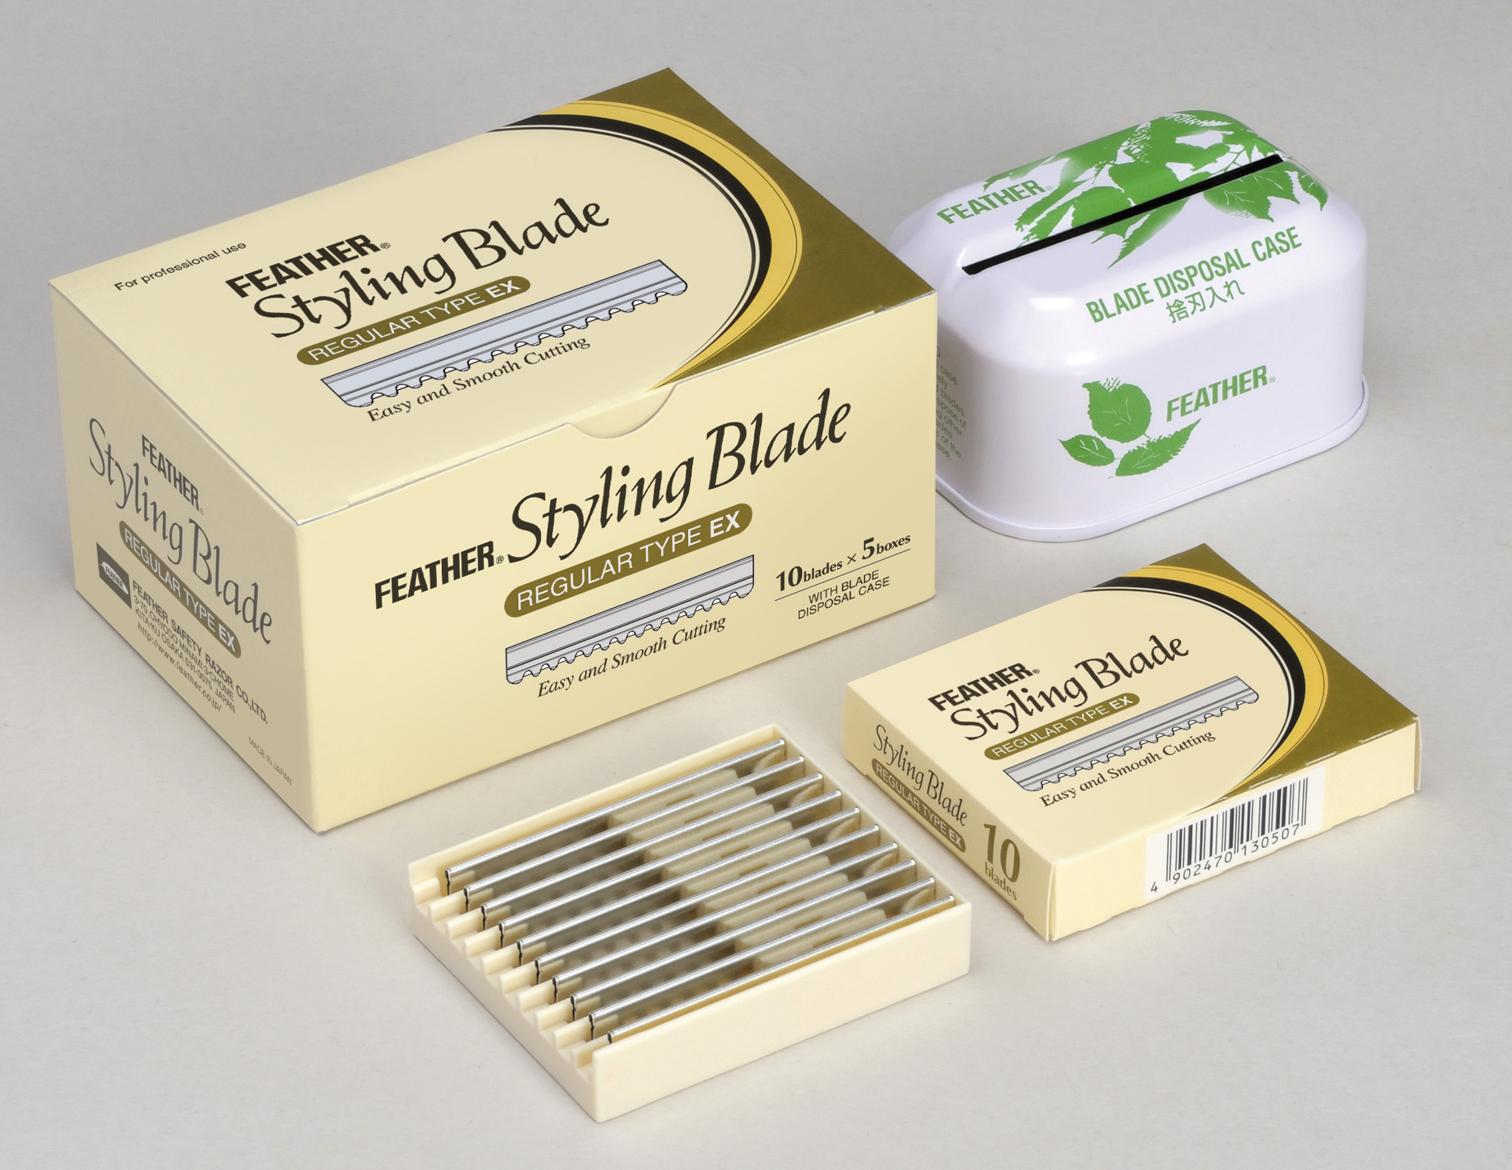 Feather набор лезвий для стрижки 5 диспенсеров и бокс для отработки лезвийS2793105-5Специальные лезвия для филировочных бритв для стрижки волос. Благодаря тонкому наклонному срезу, который дает бритва, концы волос отлично падают по форме стрижки, создается красивая текстура. Используются при работе с бритвами для стрижки волос серии Styling Razor.